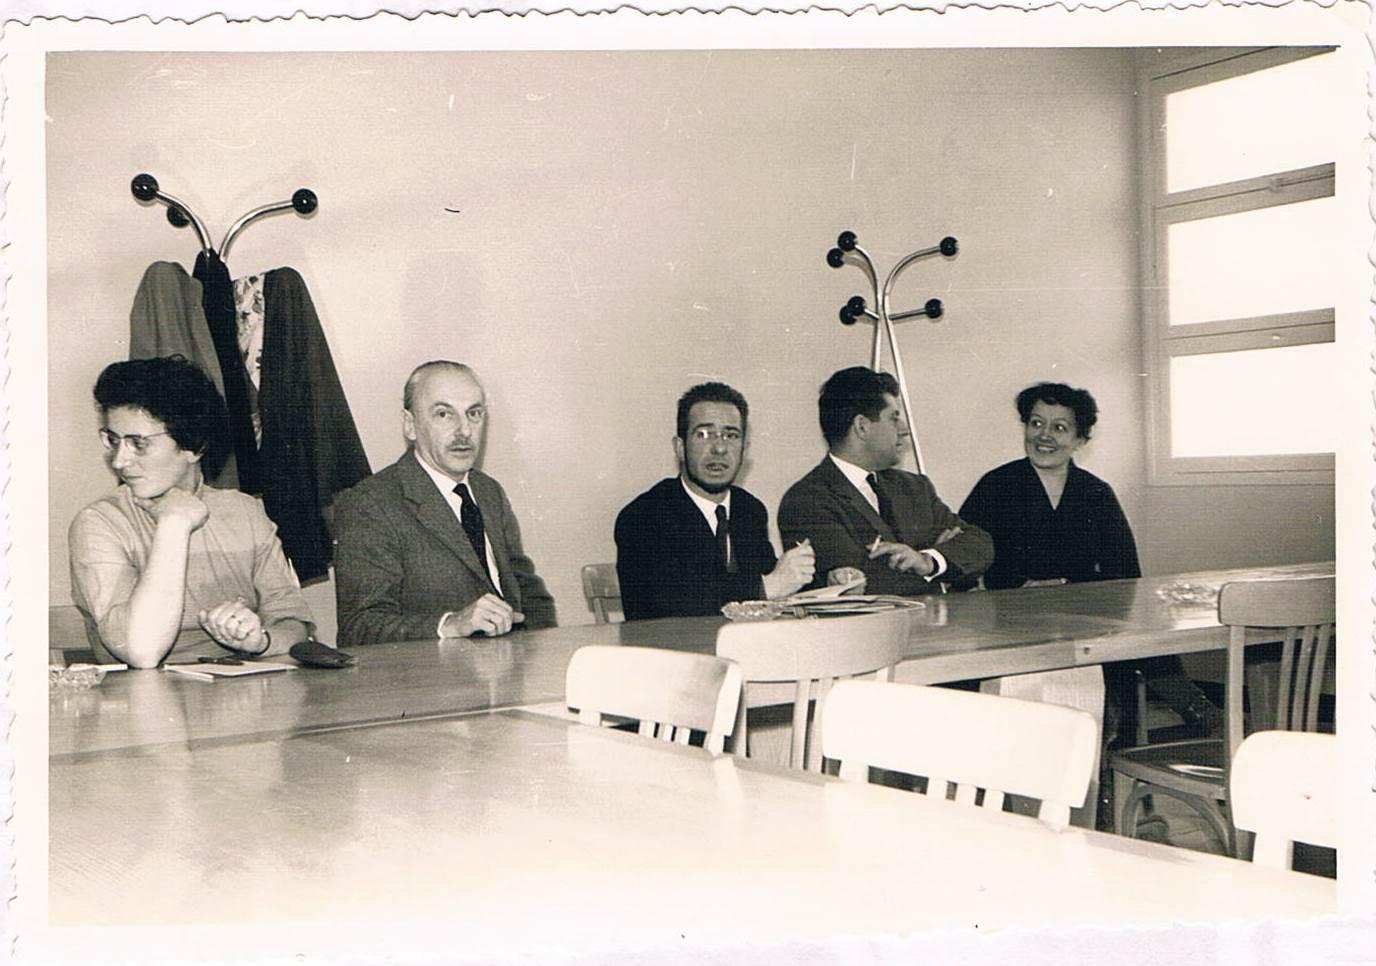 1961ko abendua. GHSP taldearen sorrerako bilera. Ezkerretik hasita: Madeleine, Max Cosyns, Michel Cabidoche, X, André Cosyns. Iturria: Madeleine Cabidocheren artxiboa